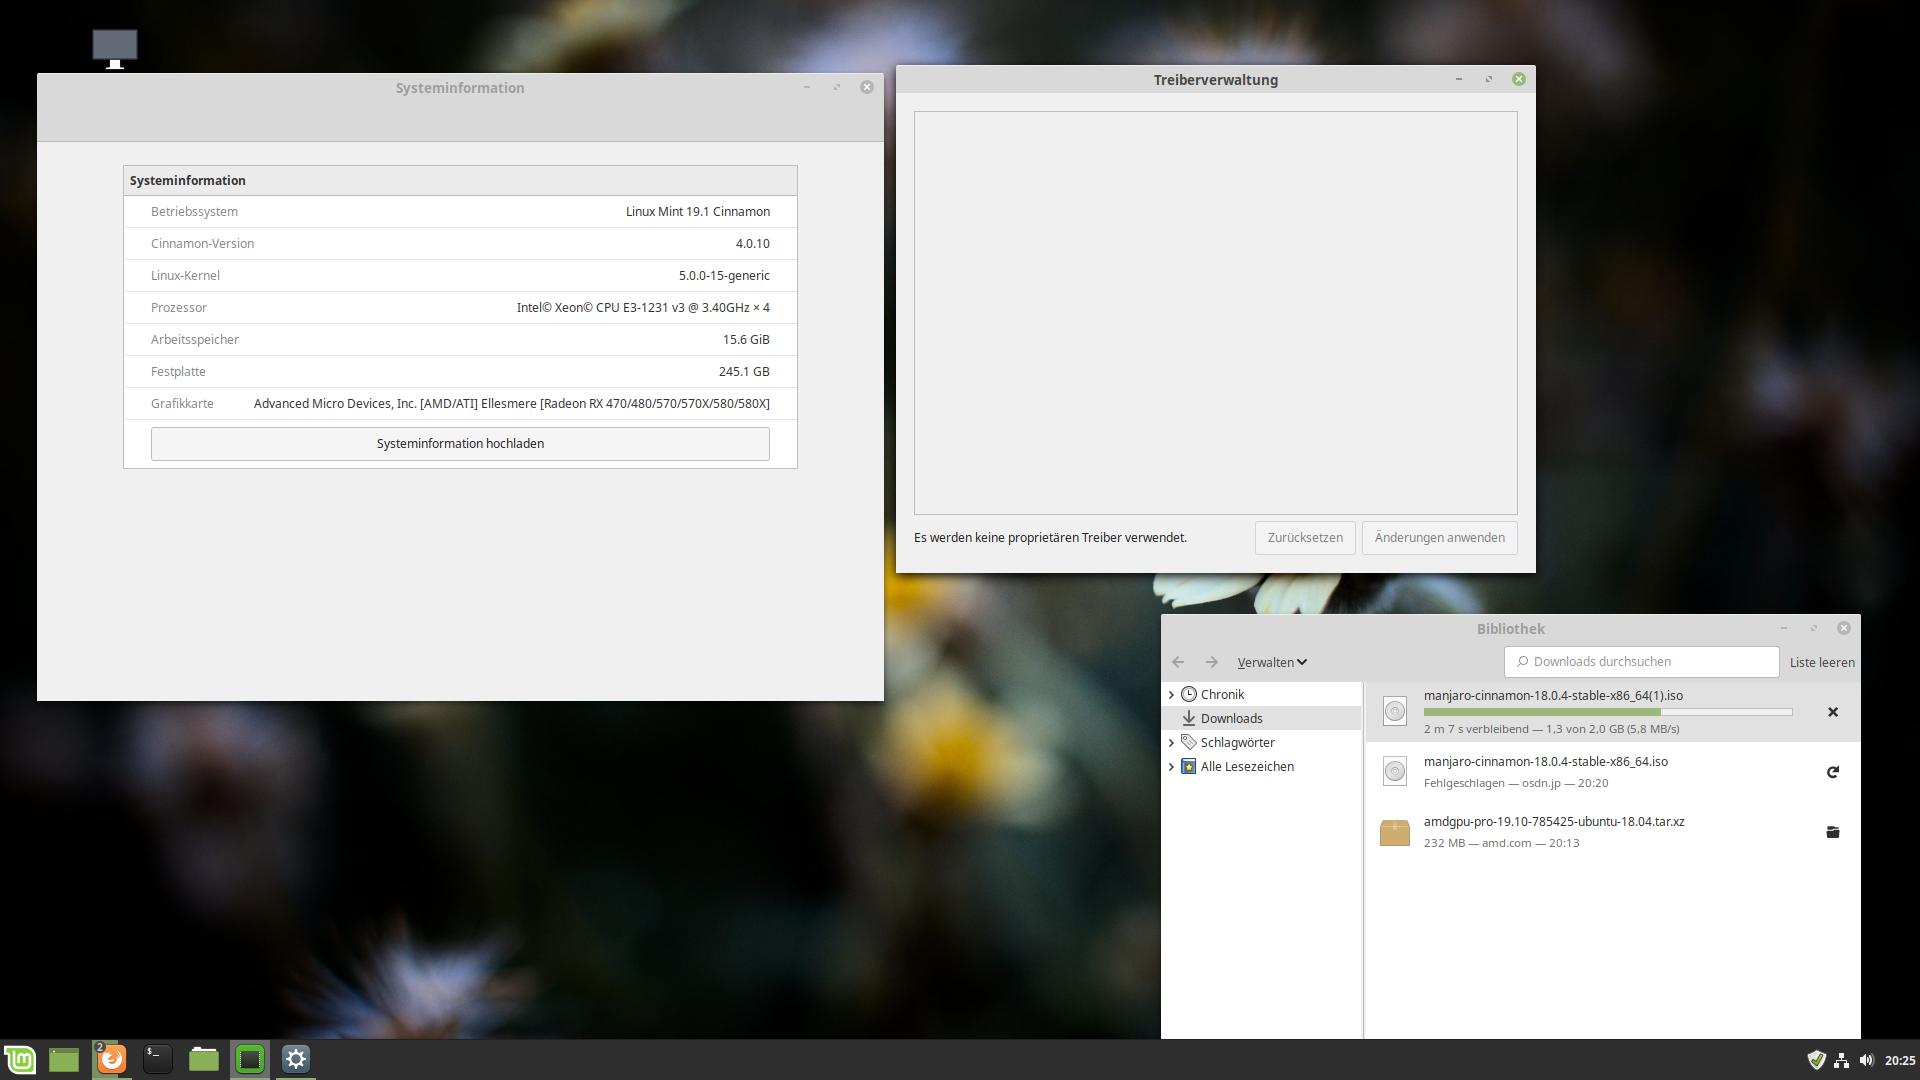 Welches Linux mit nativem AMD-GPU PRO Treiber v18 30 - v18